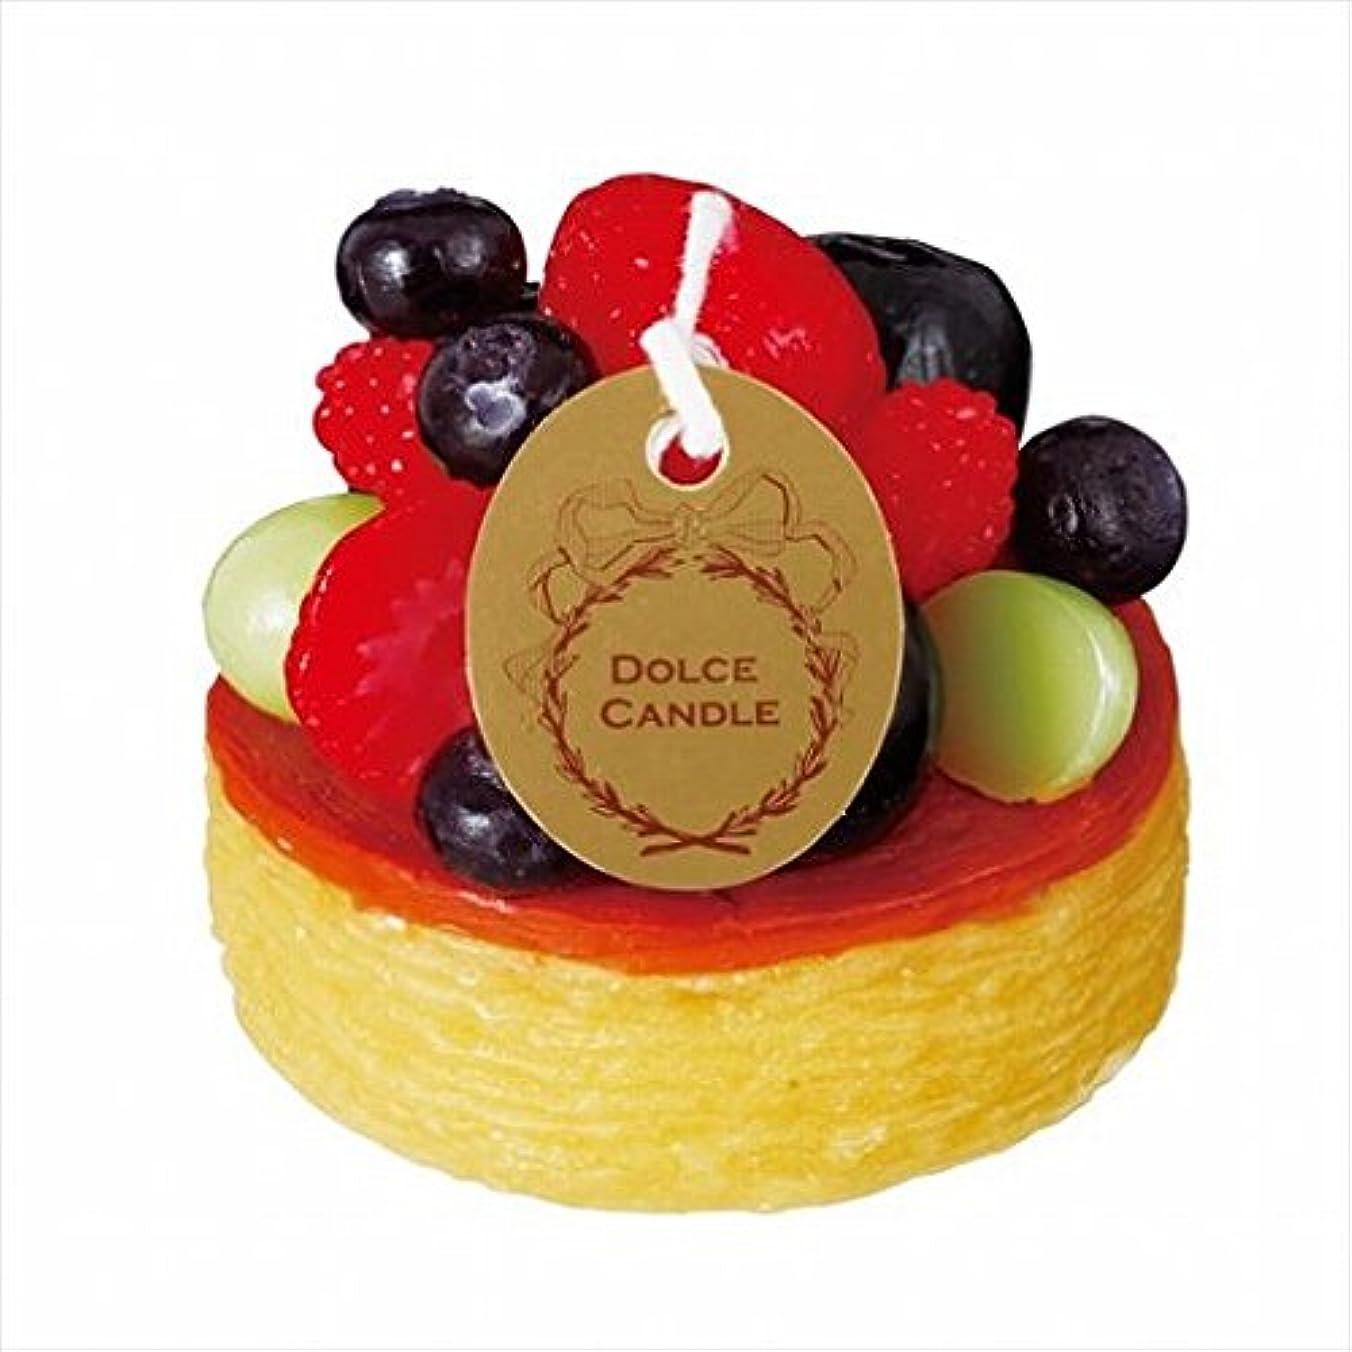 スイーツキャンドル( sweets candle ) ドルチェキャンドル 「 フルーツタルト 」